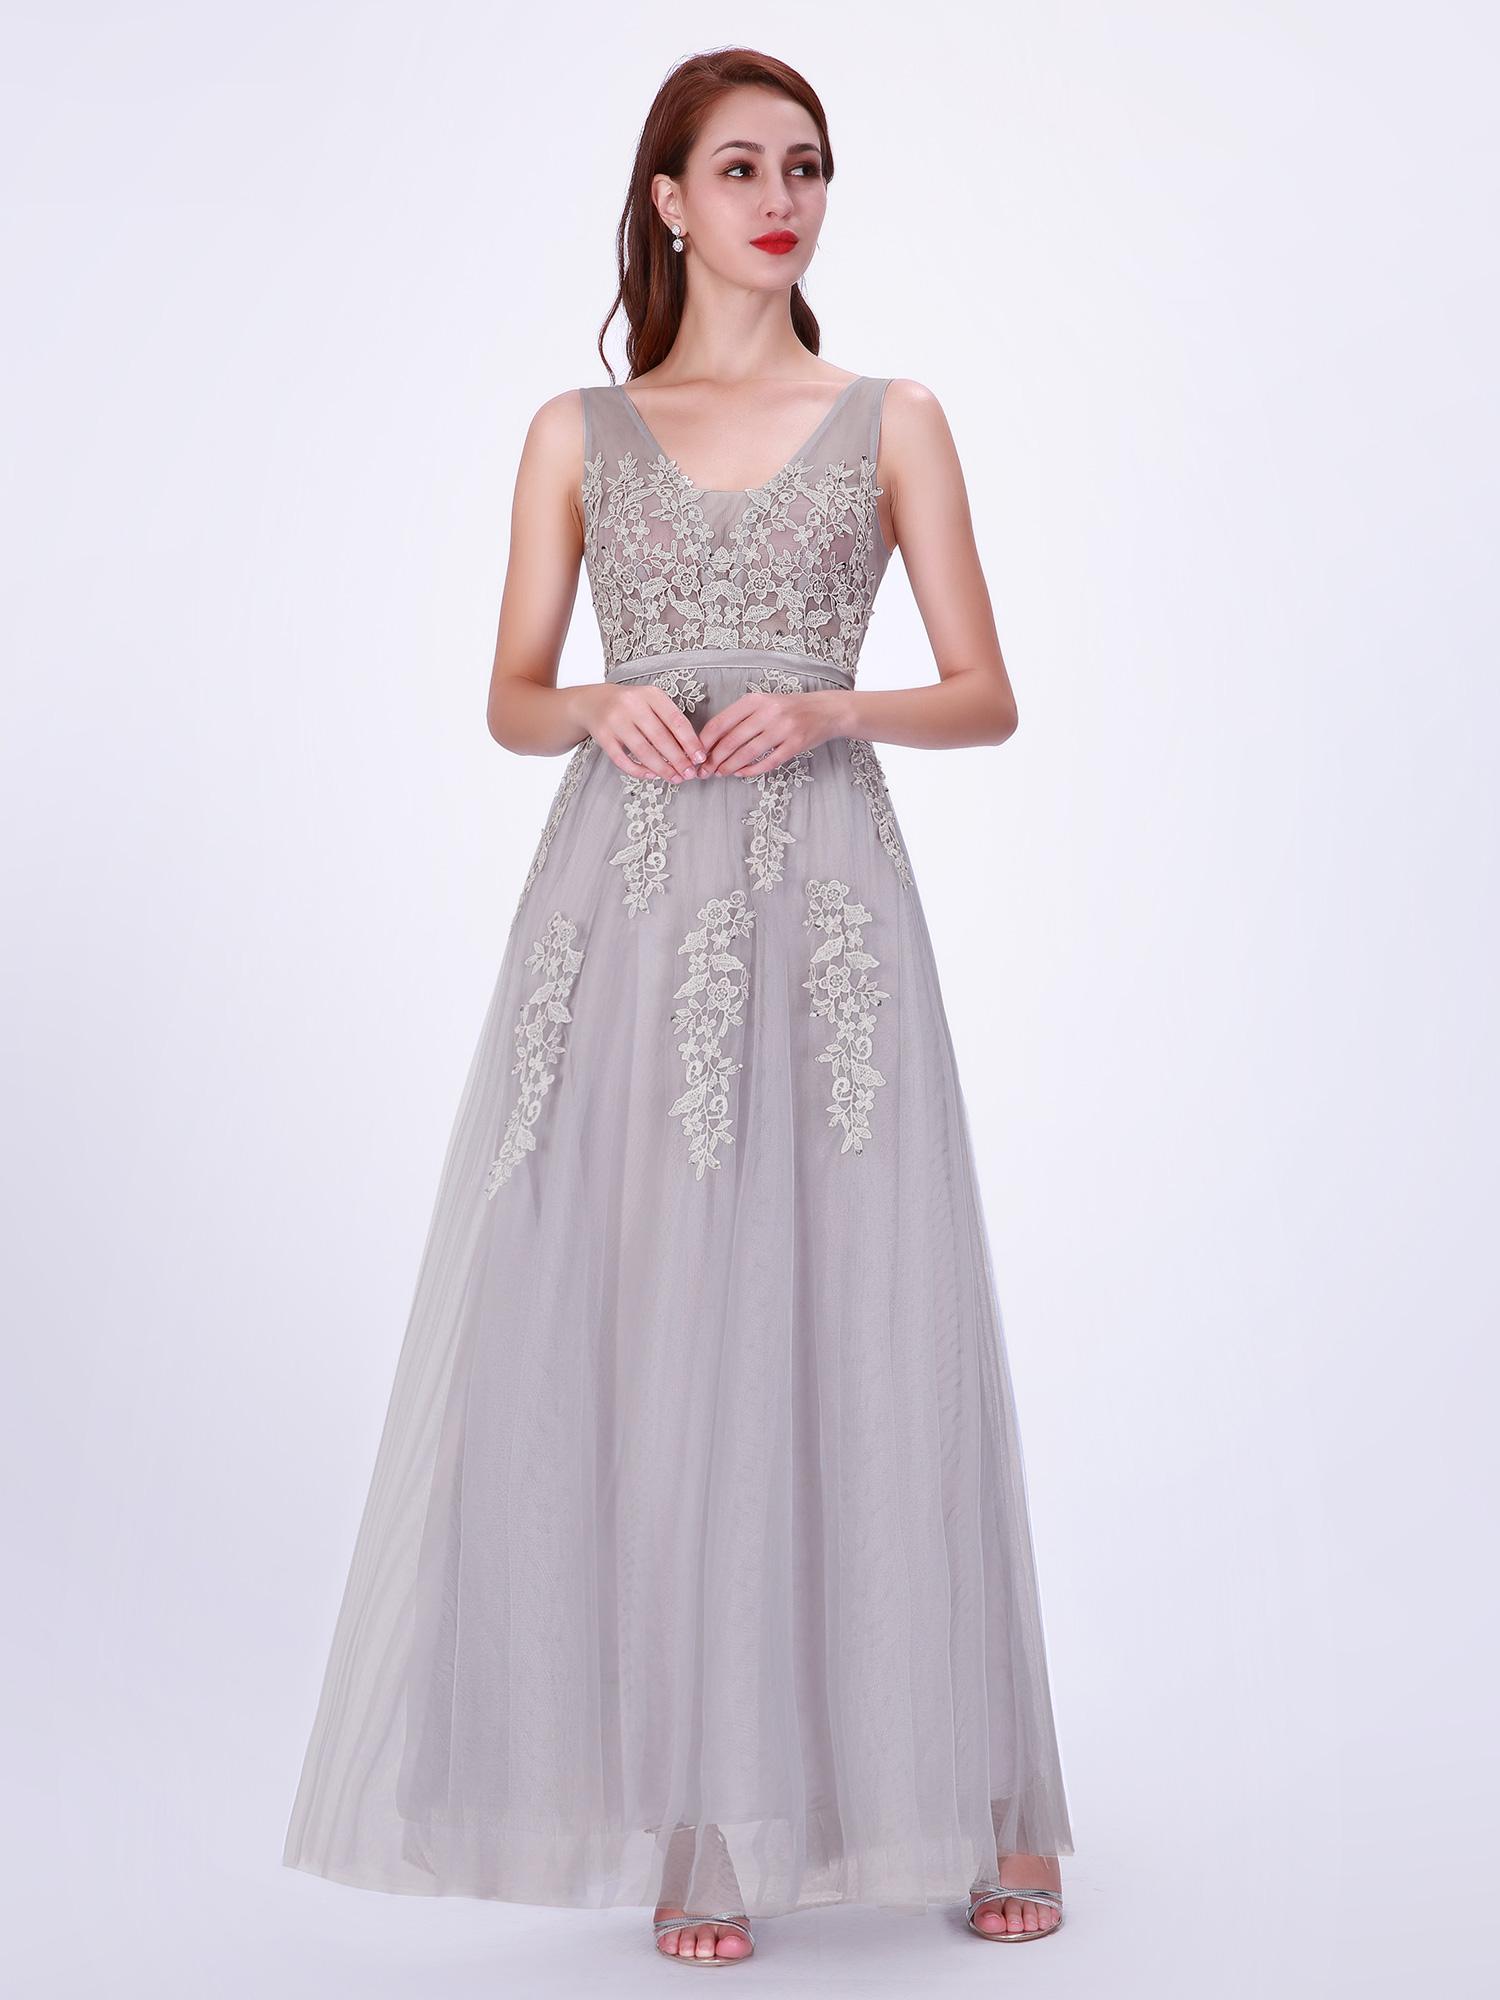 30822658feaa Enkel Balklänning, festklänning, tärnklänning. Denna balklänning finns i  många färger och storlekar.